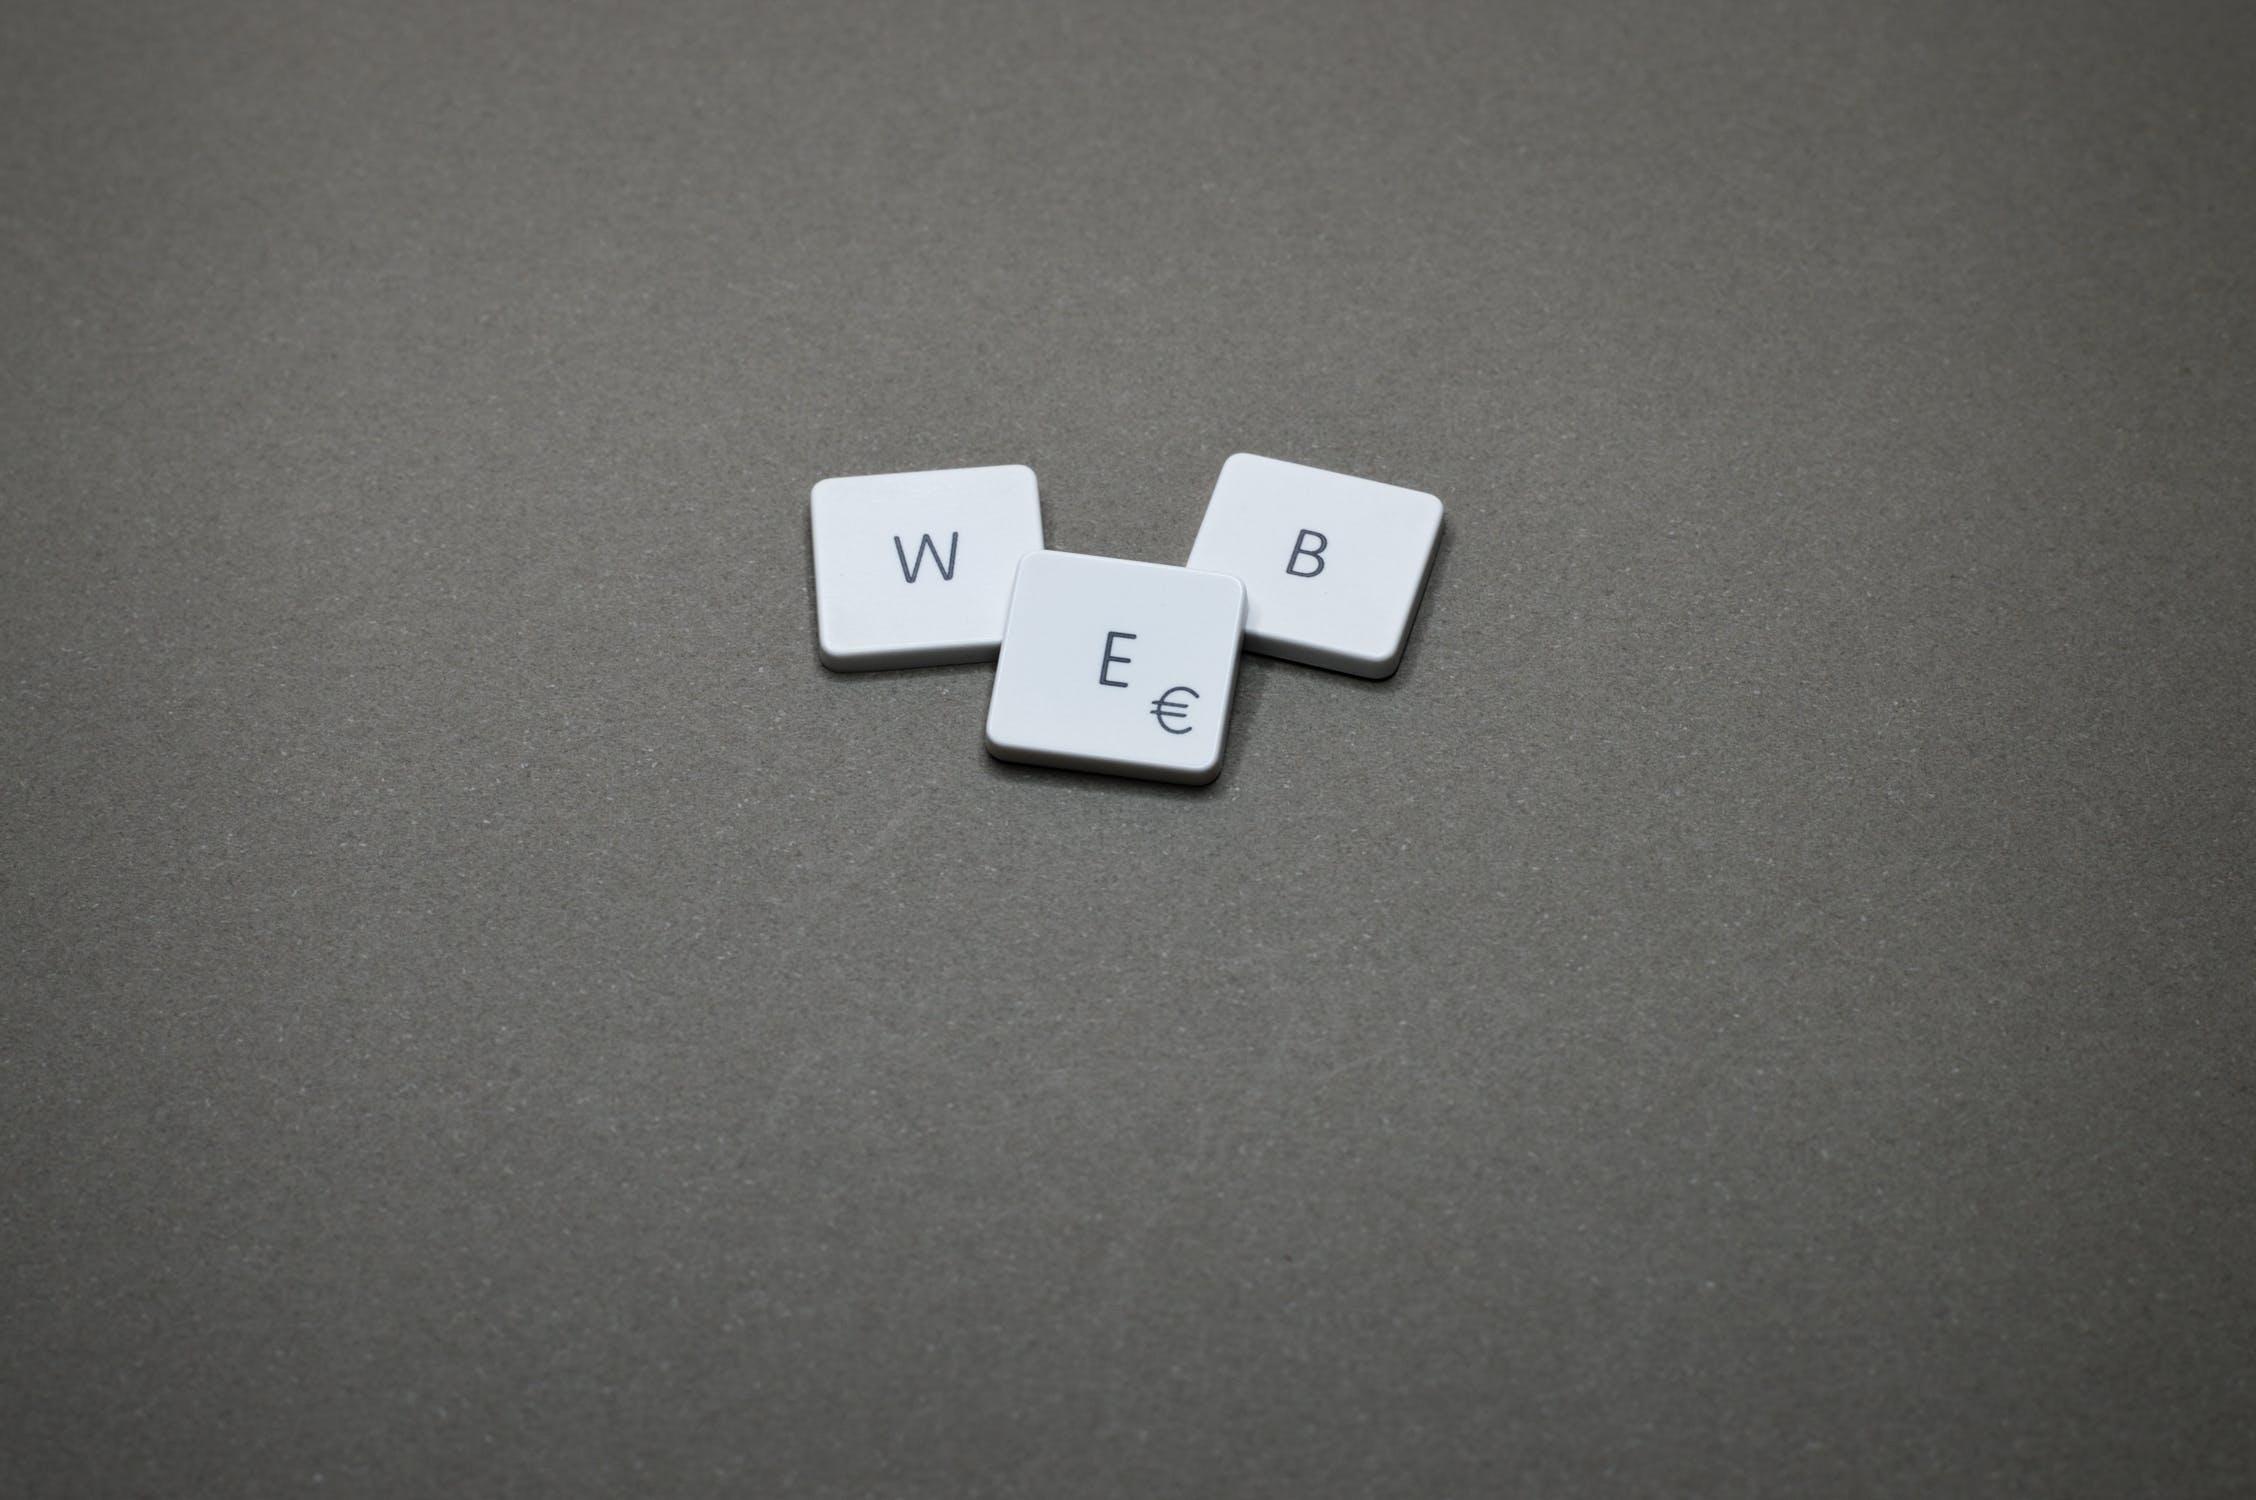 web dev 3.jpeg